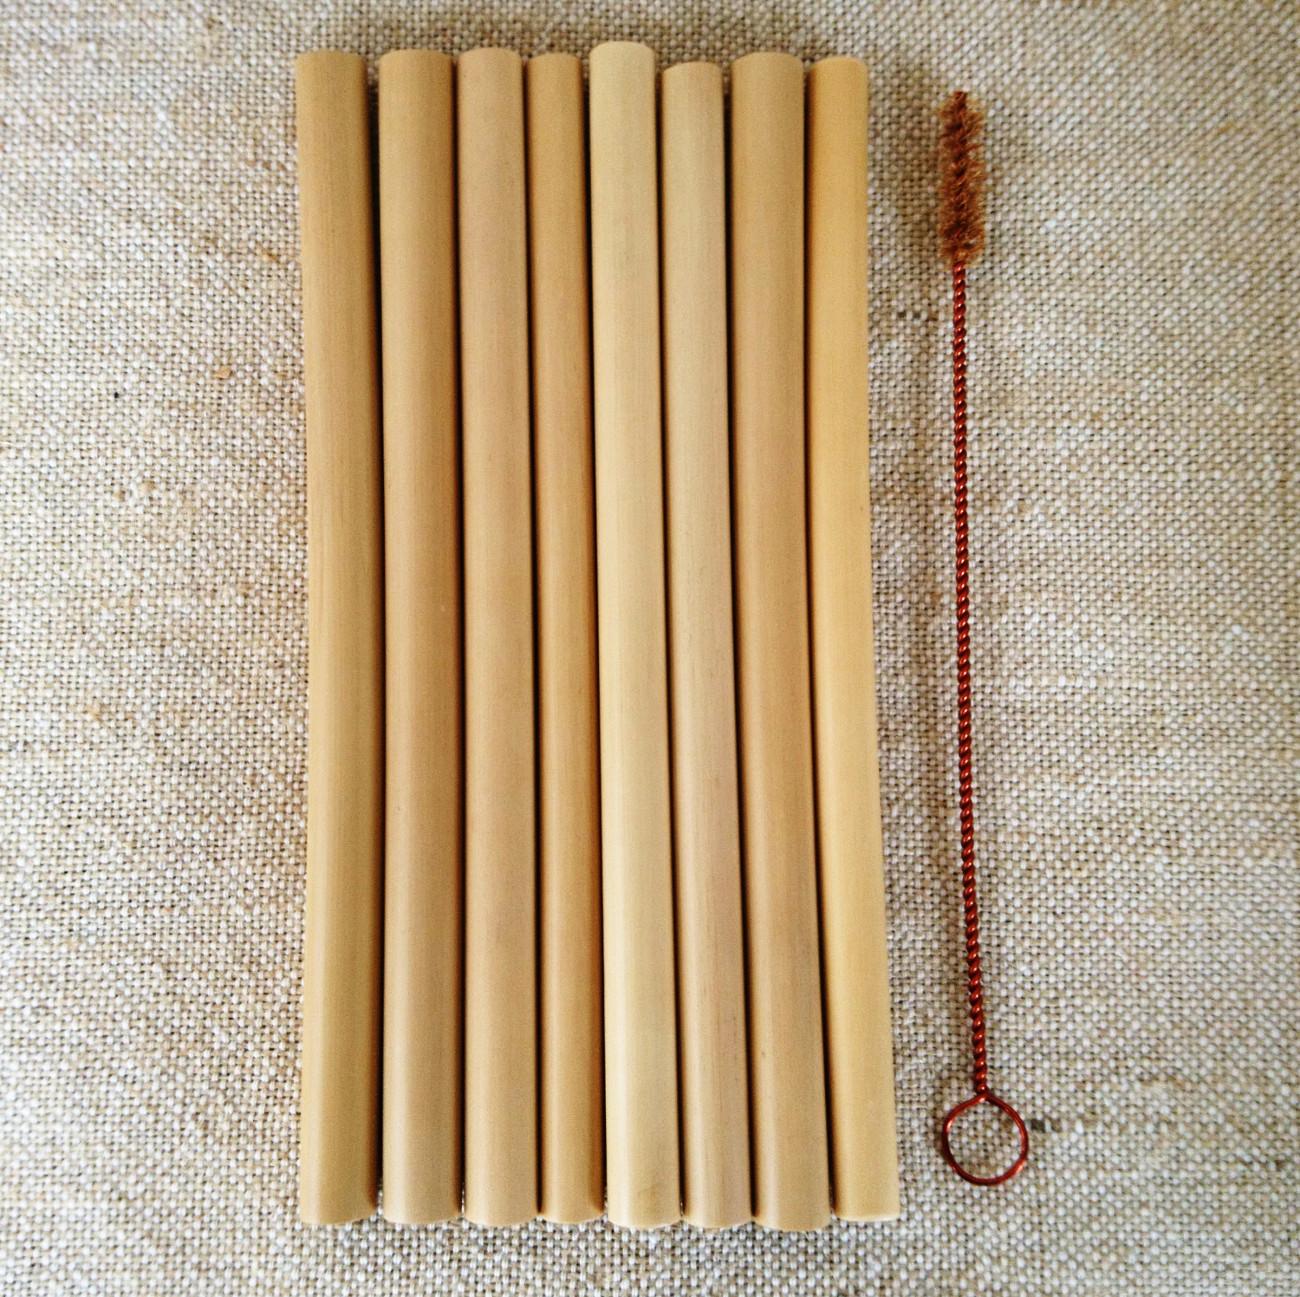 天然素材(再利用可能/生分解性)スペシャルバンブー(竹)ストロー8本+洗浄ブラシセット